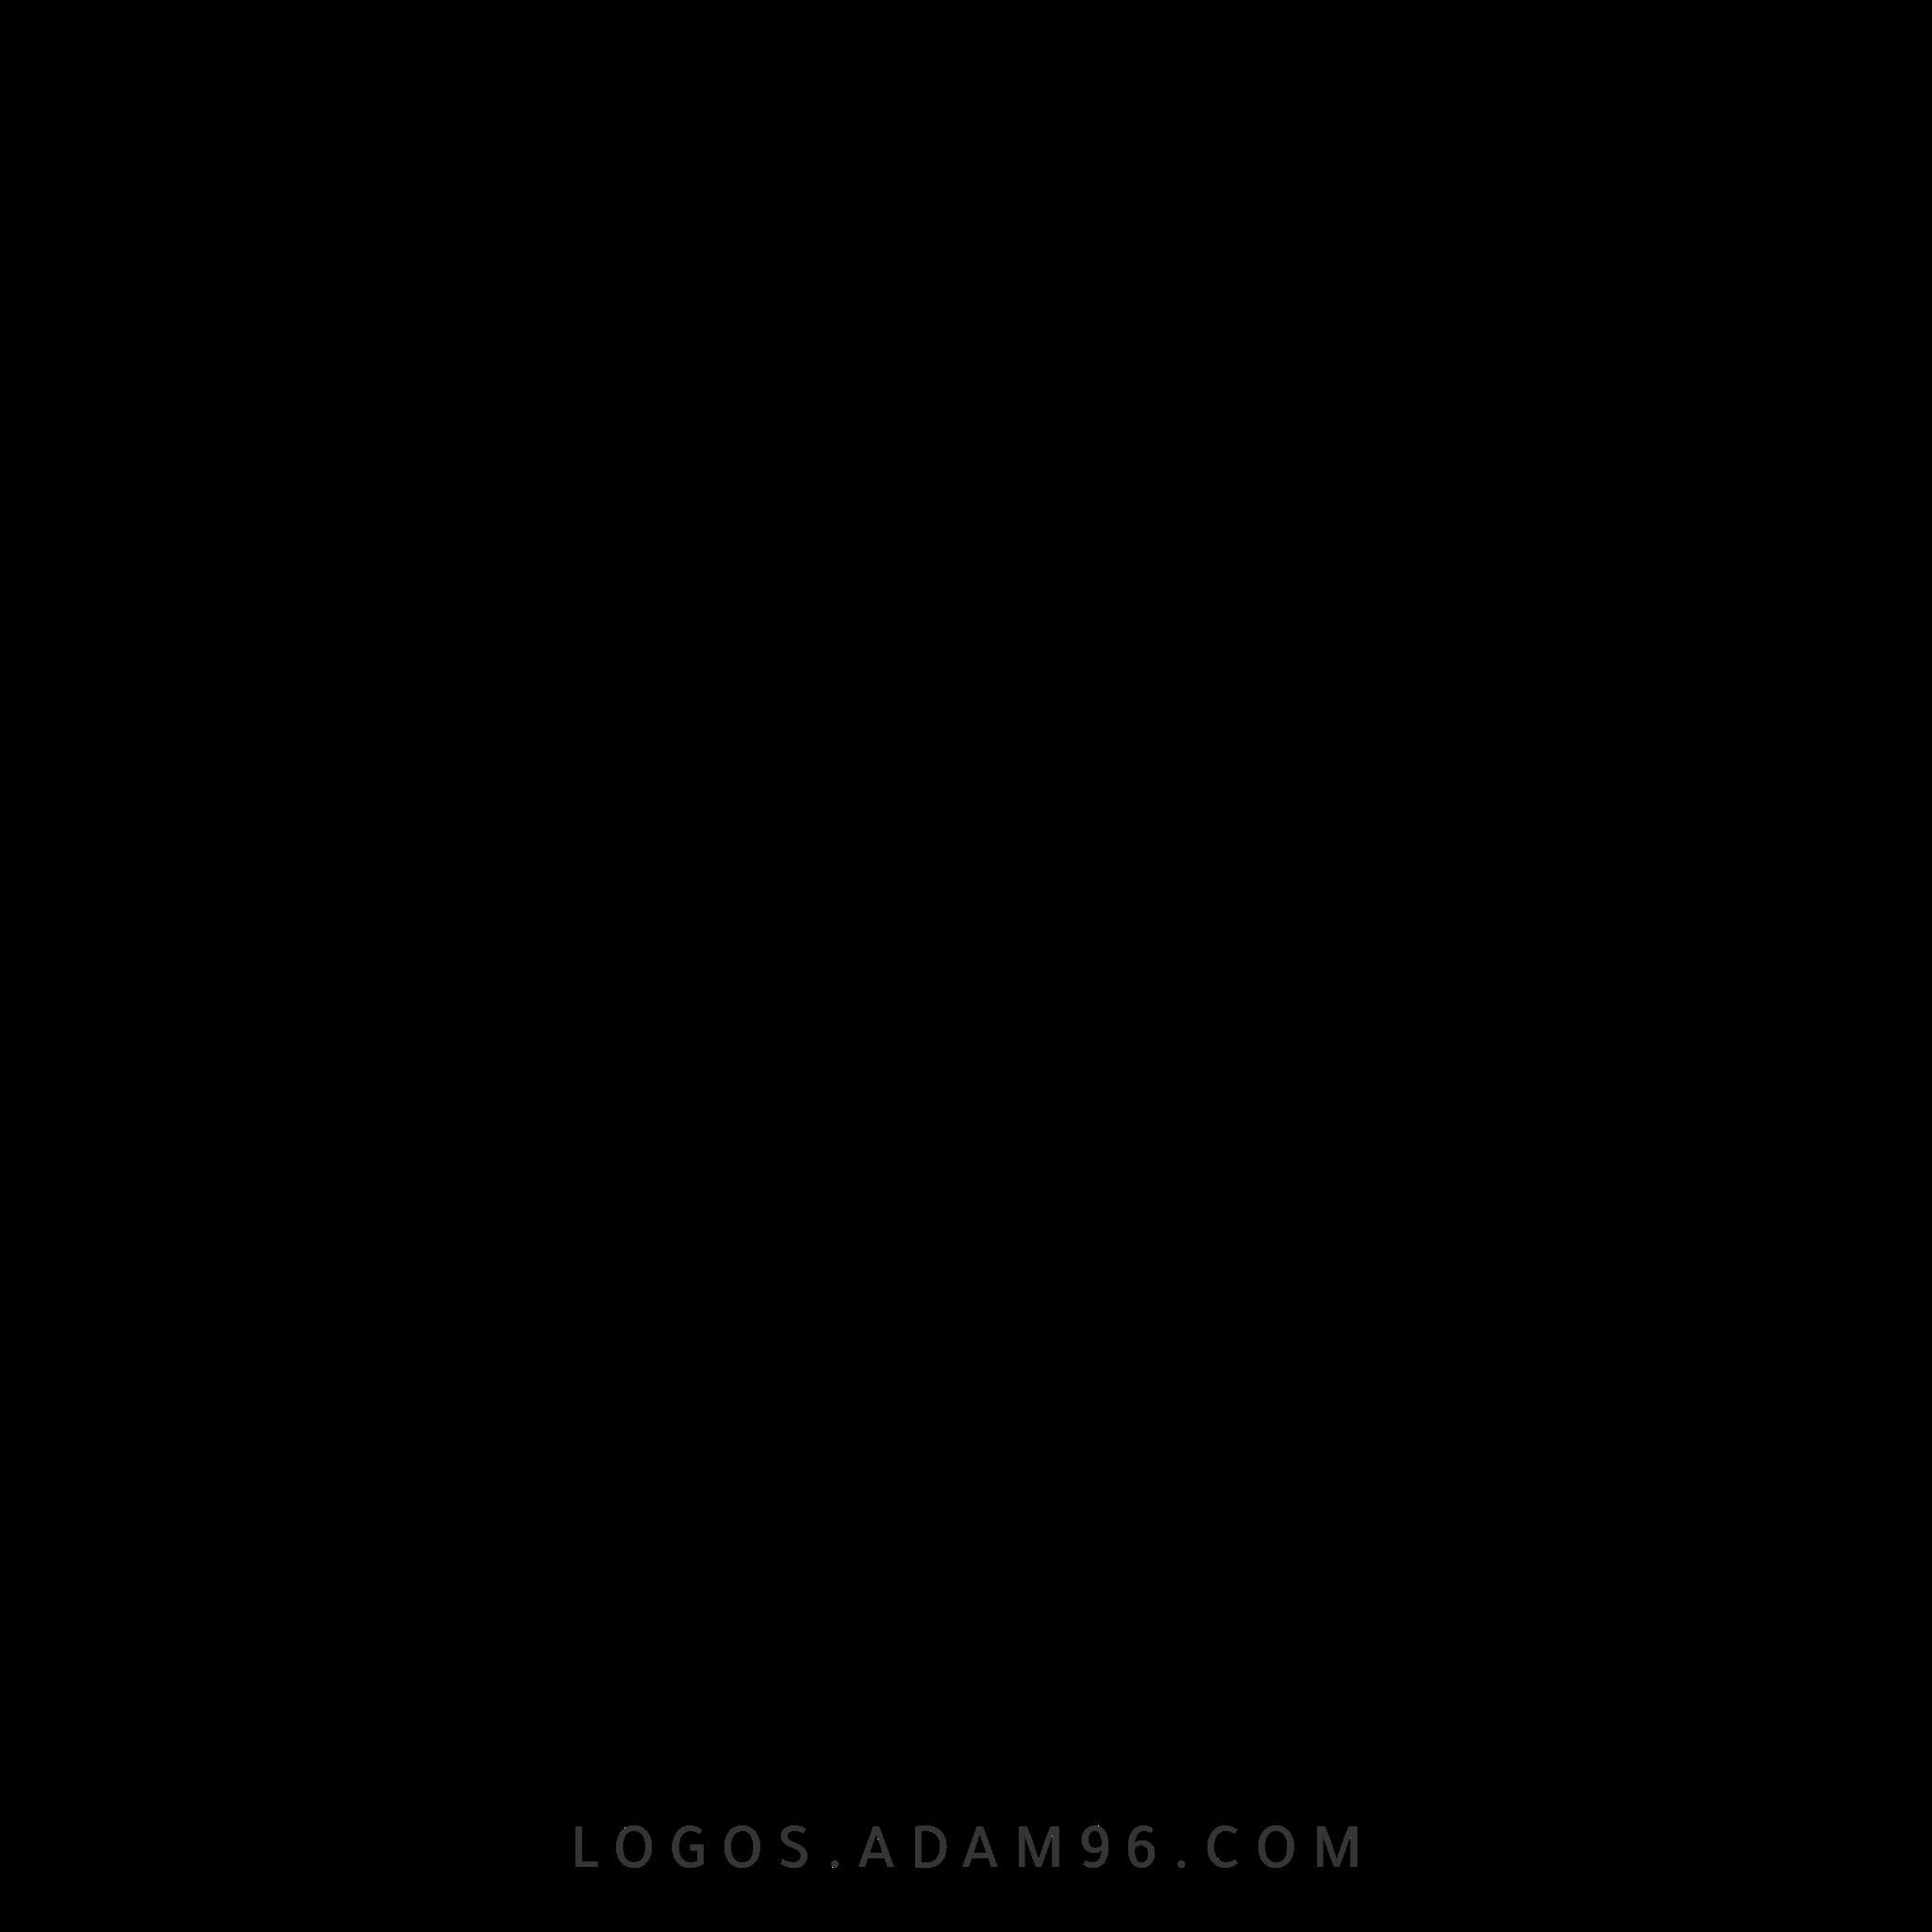 تحميل شعار لعبة ليتل نايتميرز 2 لوجو رسمي عالي الدقة Logo Little Nightmares II PNG